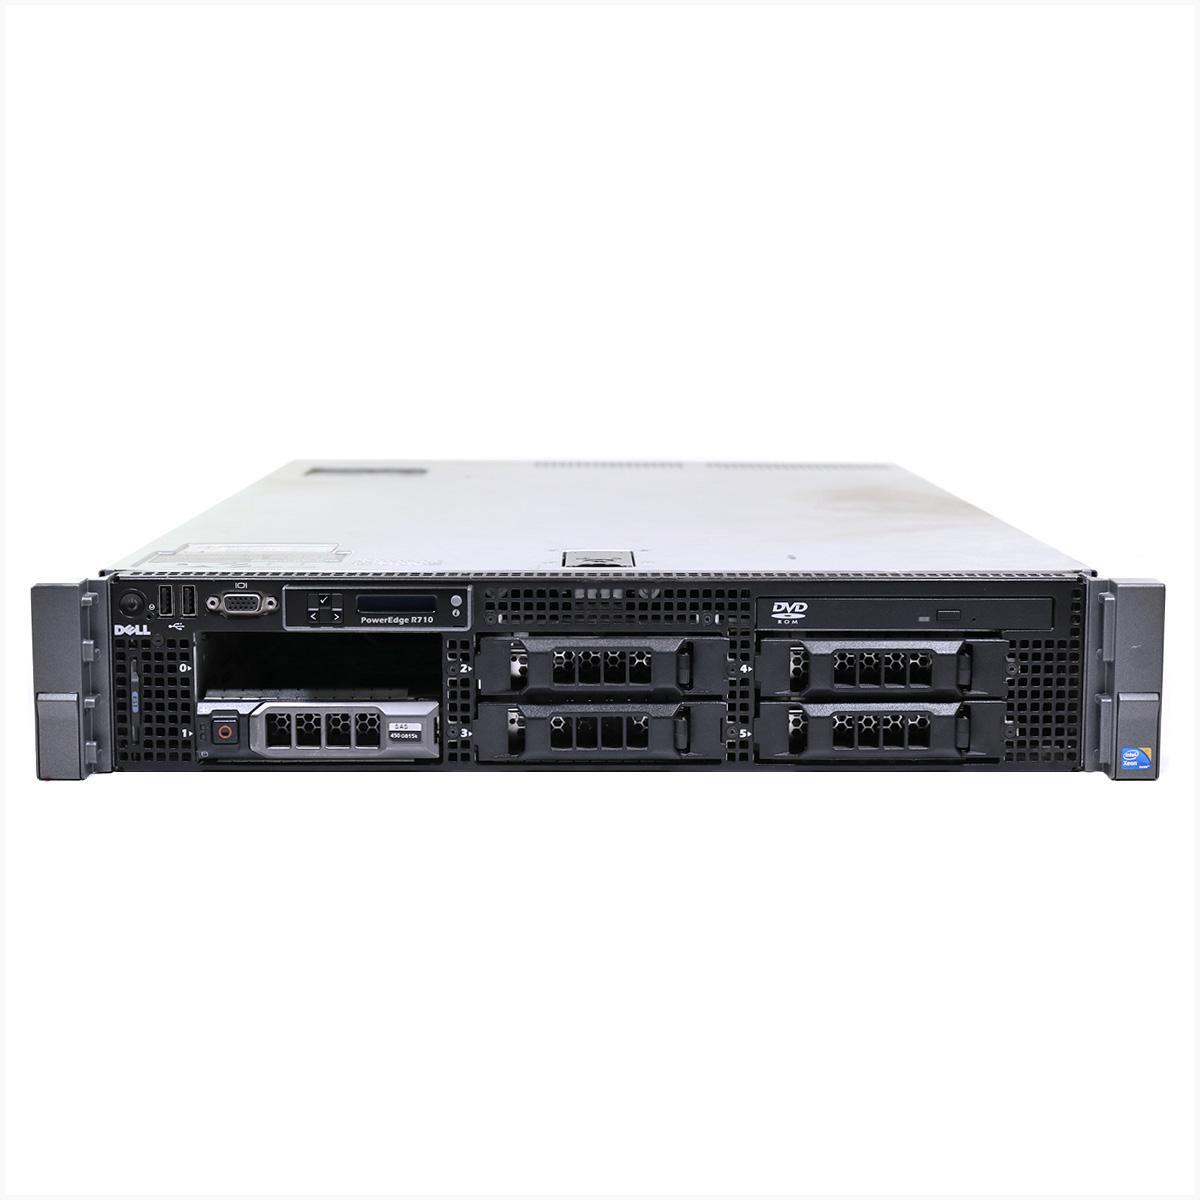 Servidor dell r710 2x xeon x5570 64gb 1x 2tb sas - usado